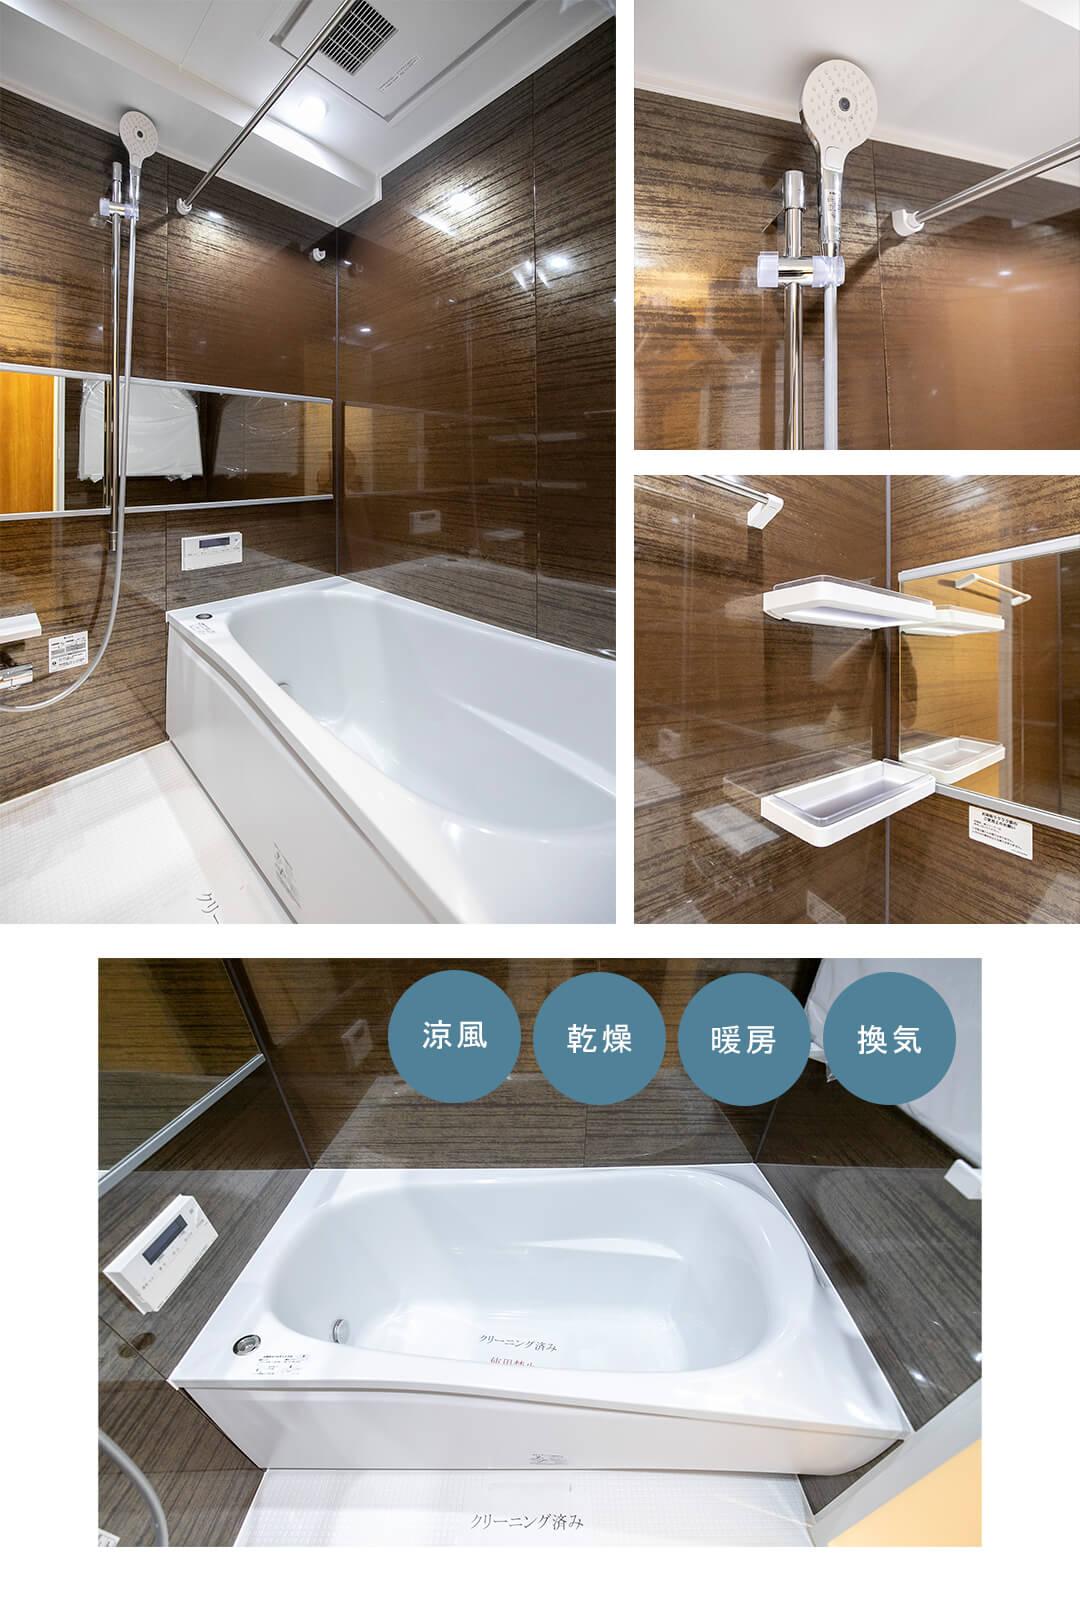 トゥールロワイヤル三軒茶屋の浴室